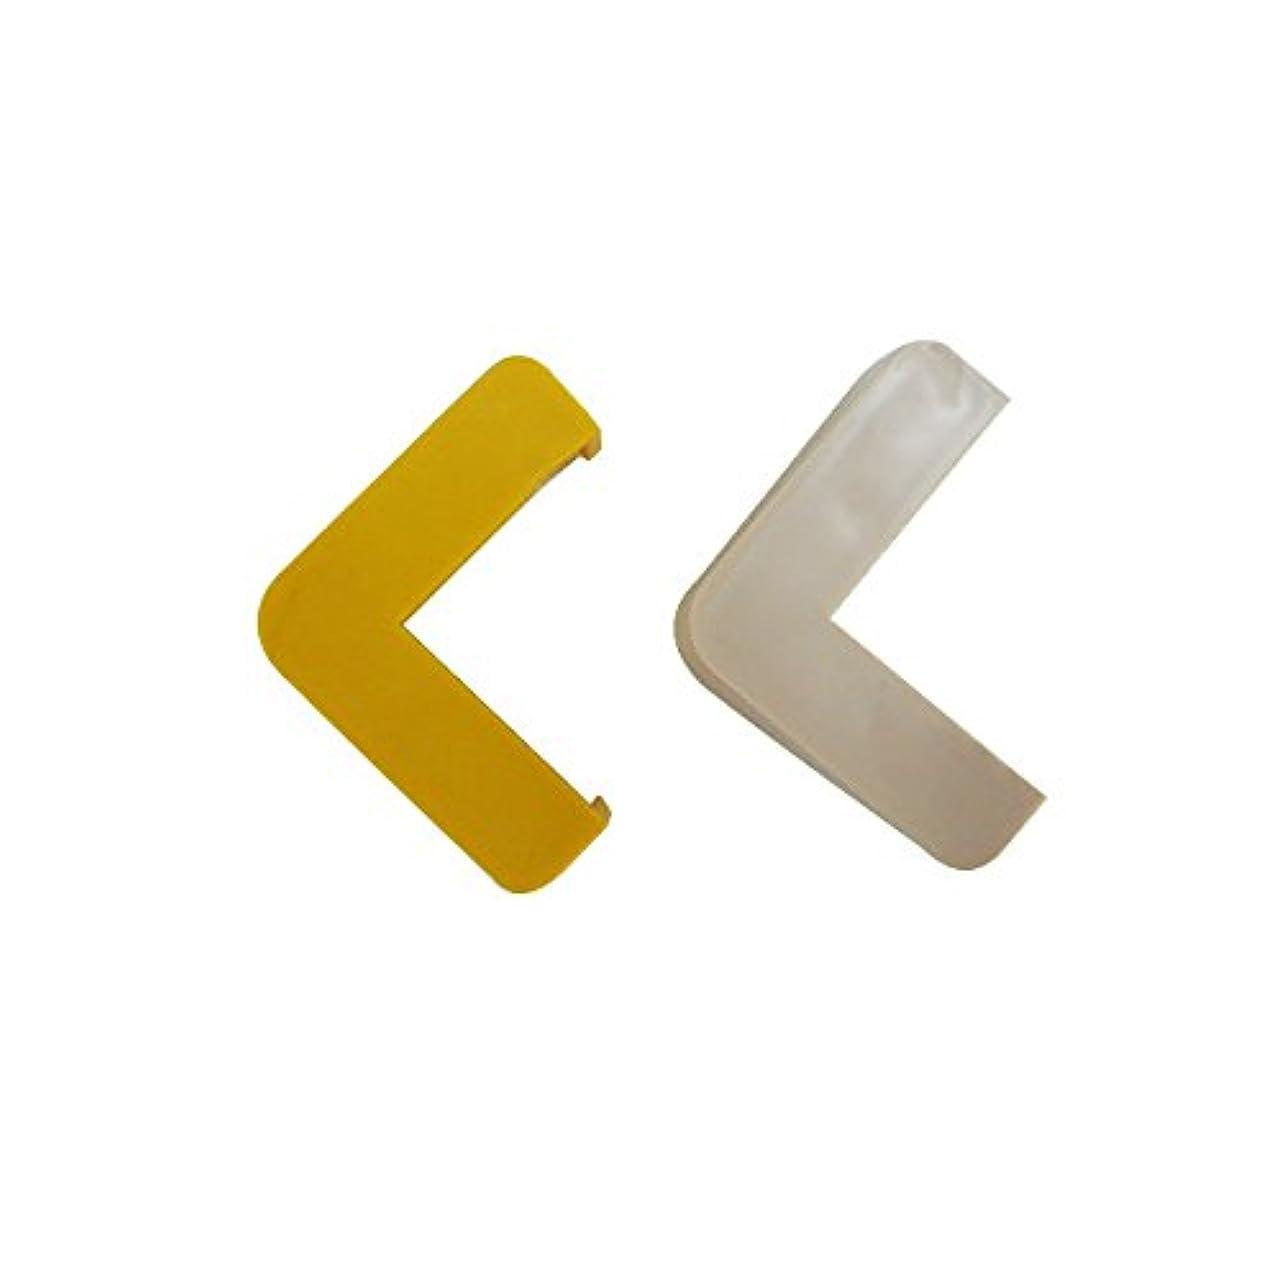 呼ぶアパル変装ホップ コーナーガード用 エンドキャップ 当て板式用(小)イエロー アイボリ 日本製 イエロー (アイボリ)